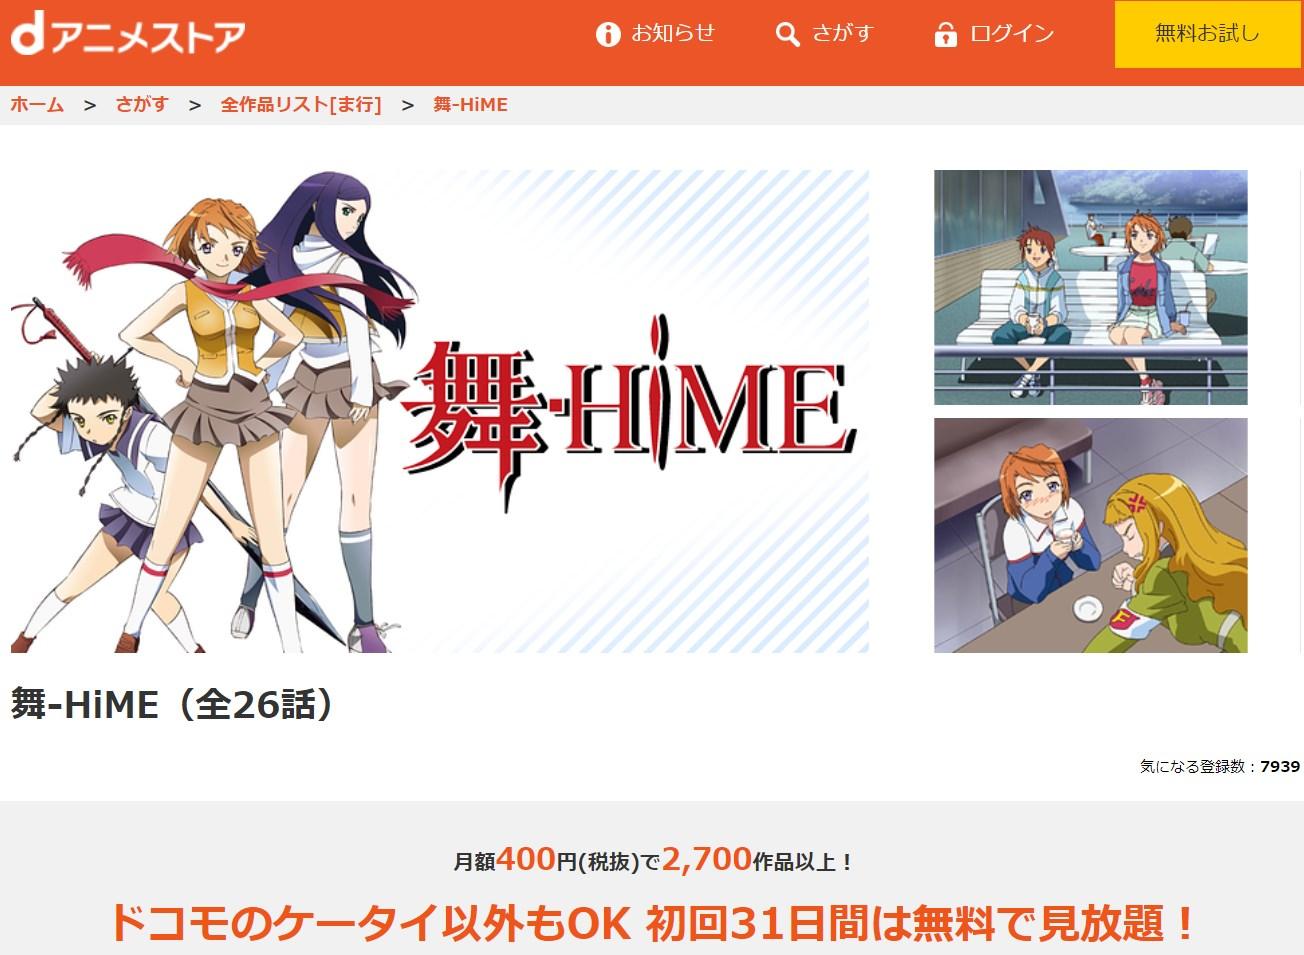 舞-HiMEアニメ動画配信サービスdアニメストア